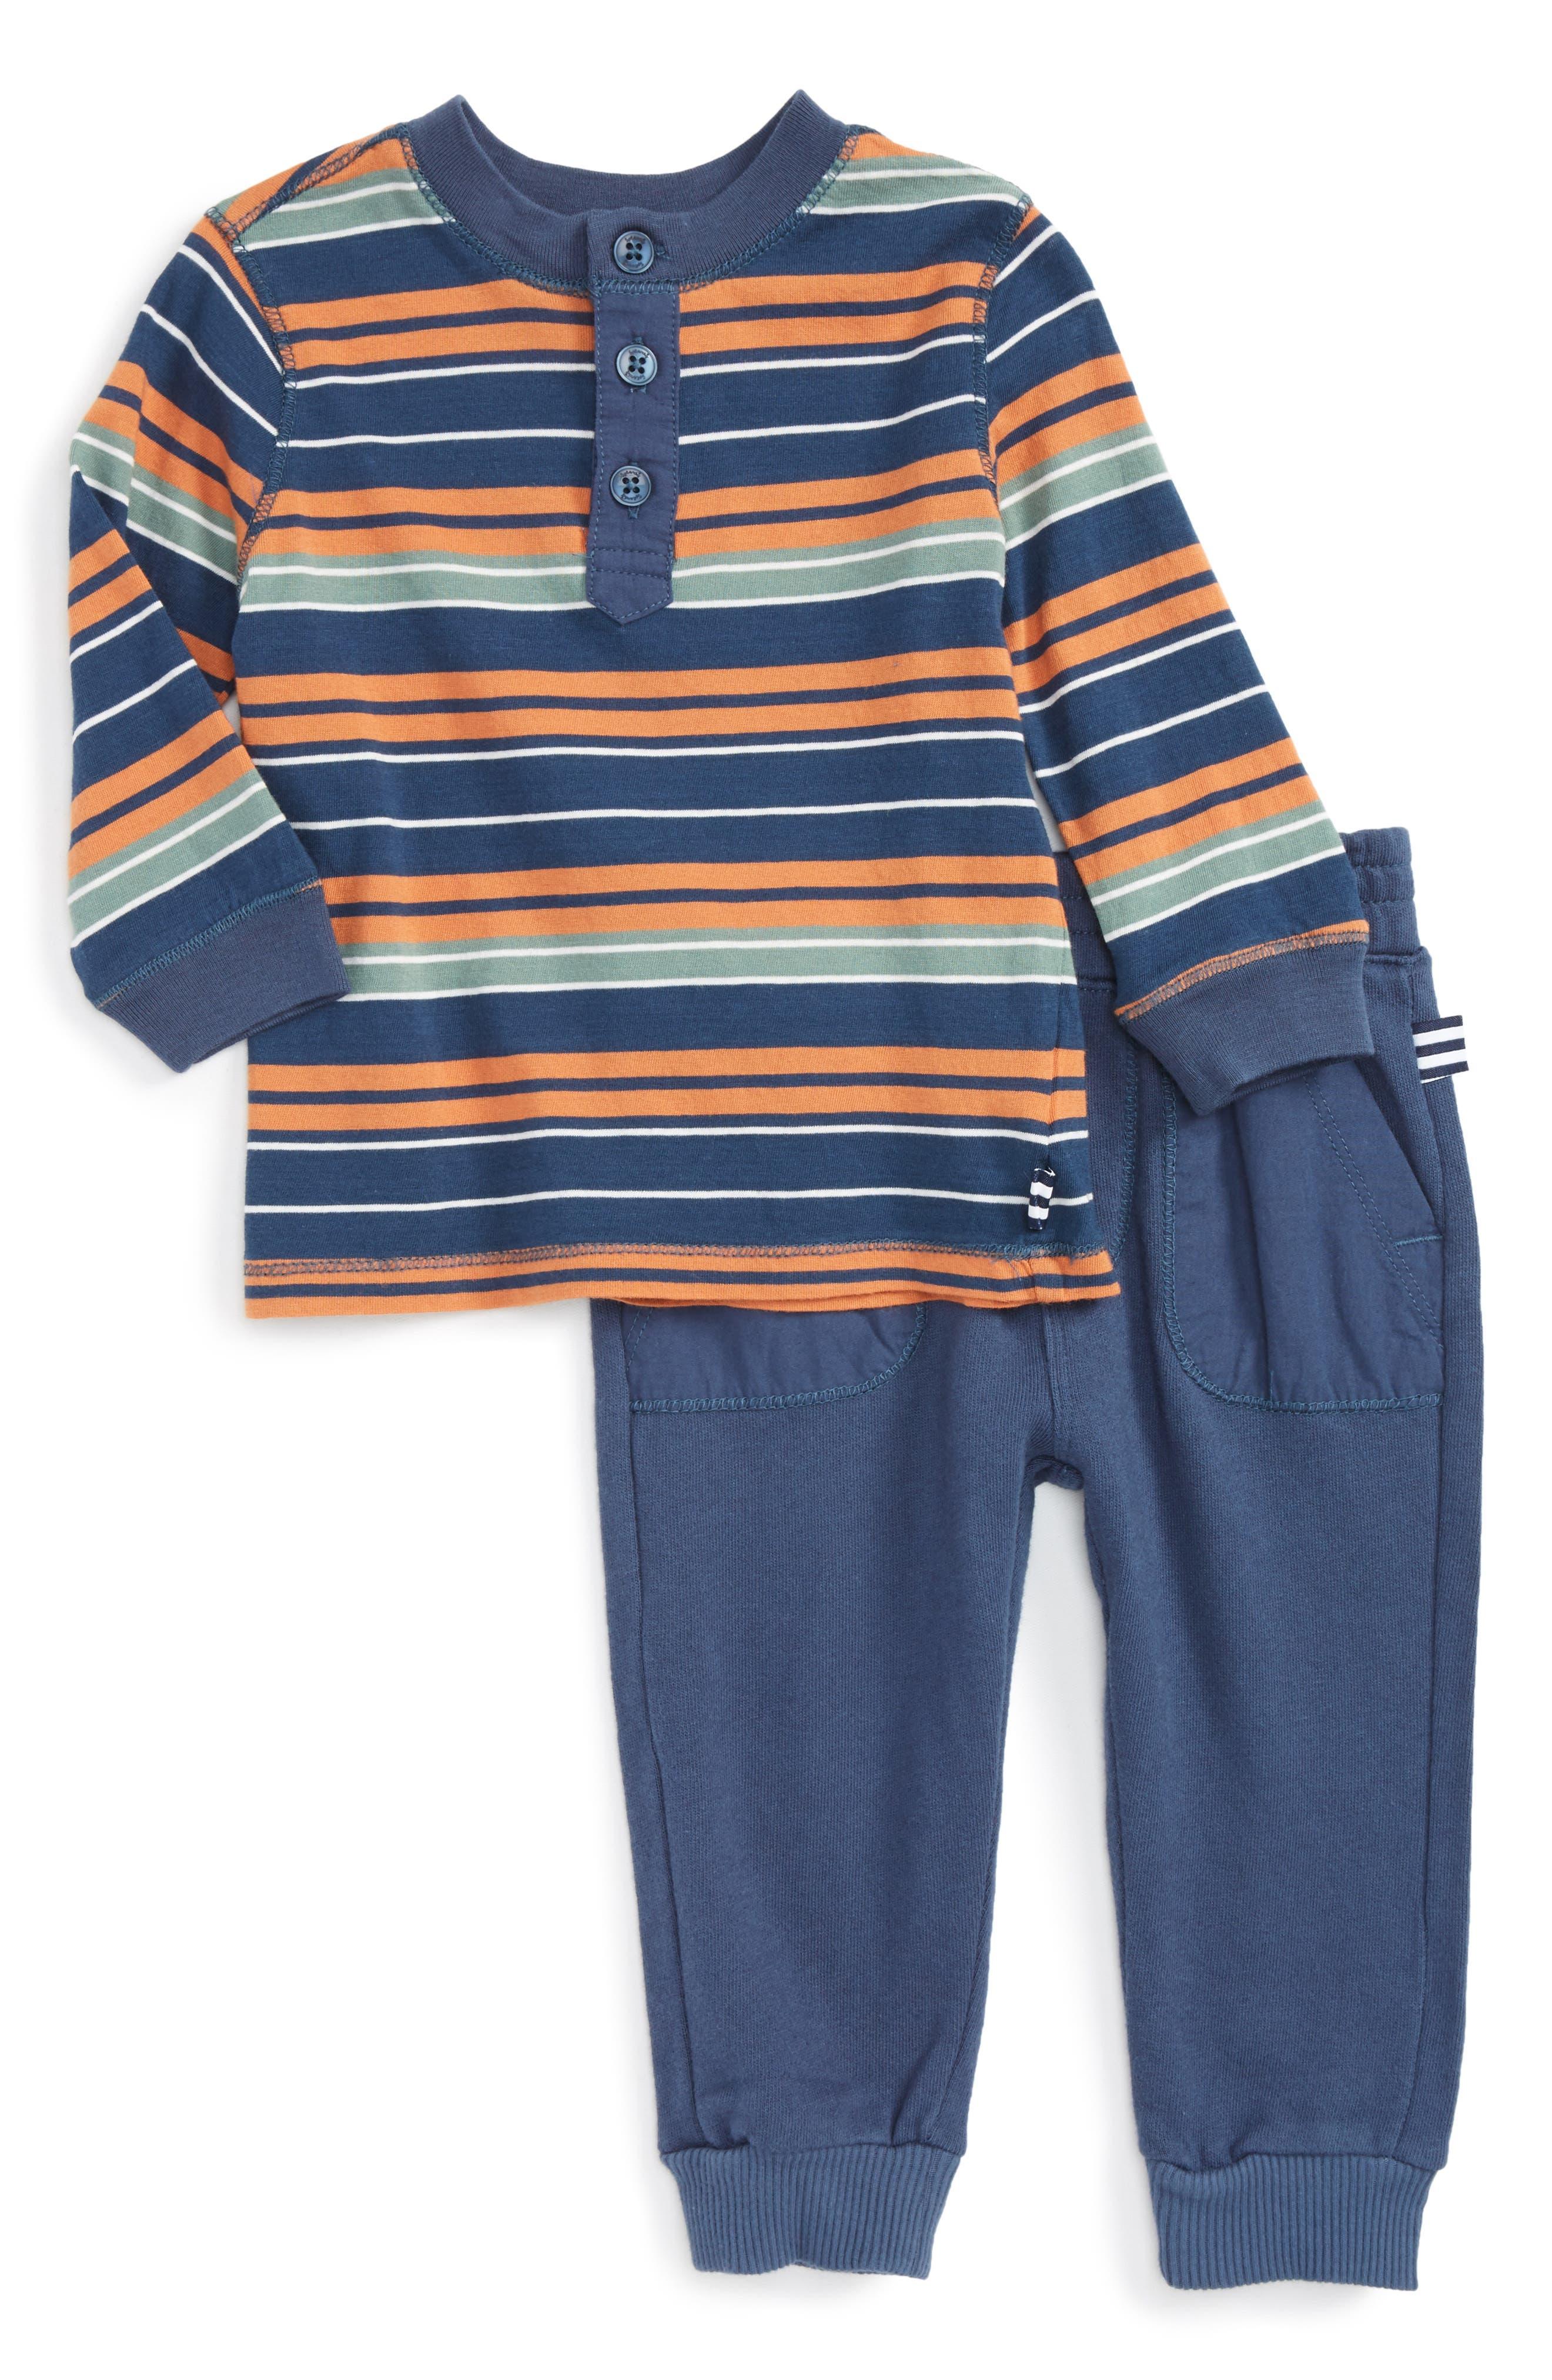 Alternate Image 1 Selected - Splendid Stripe Henley T-Shirt & Pants Set (Baby Boys)